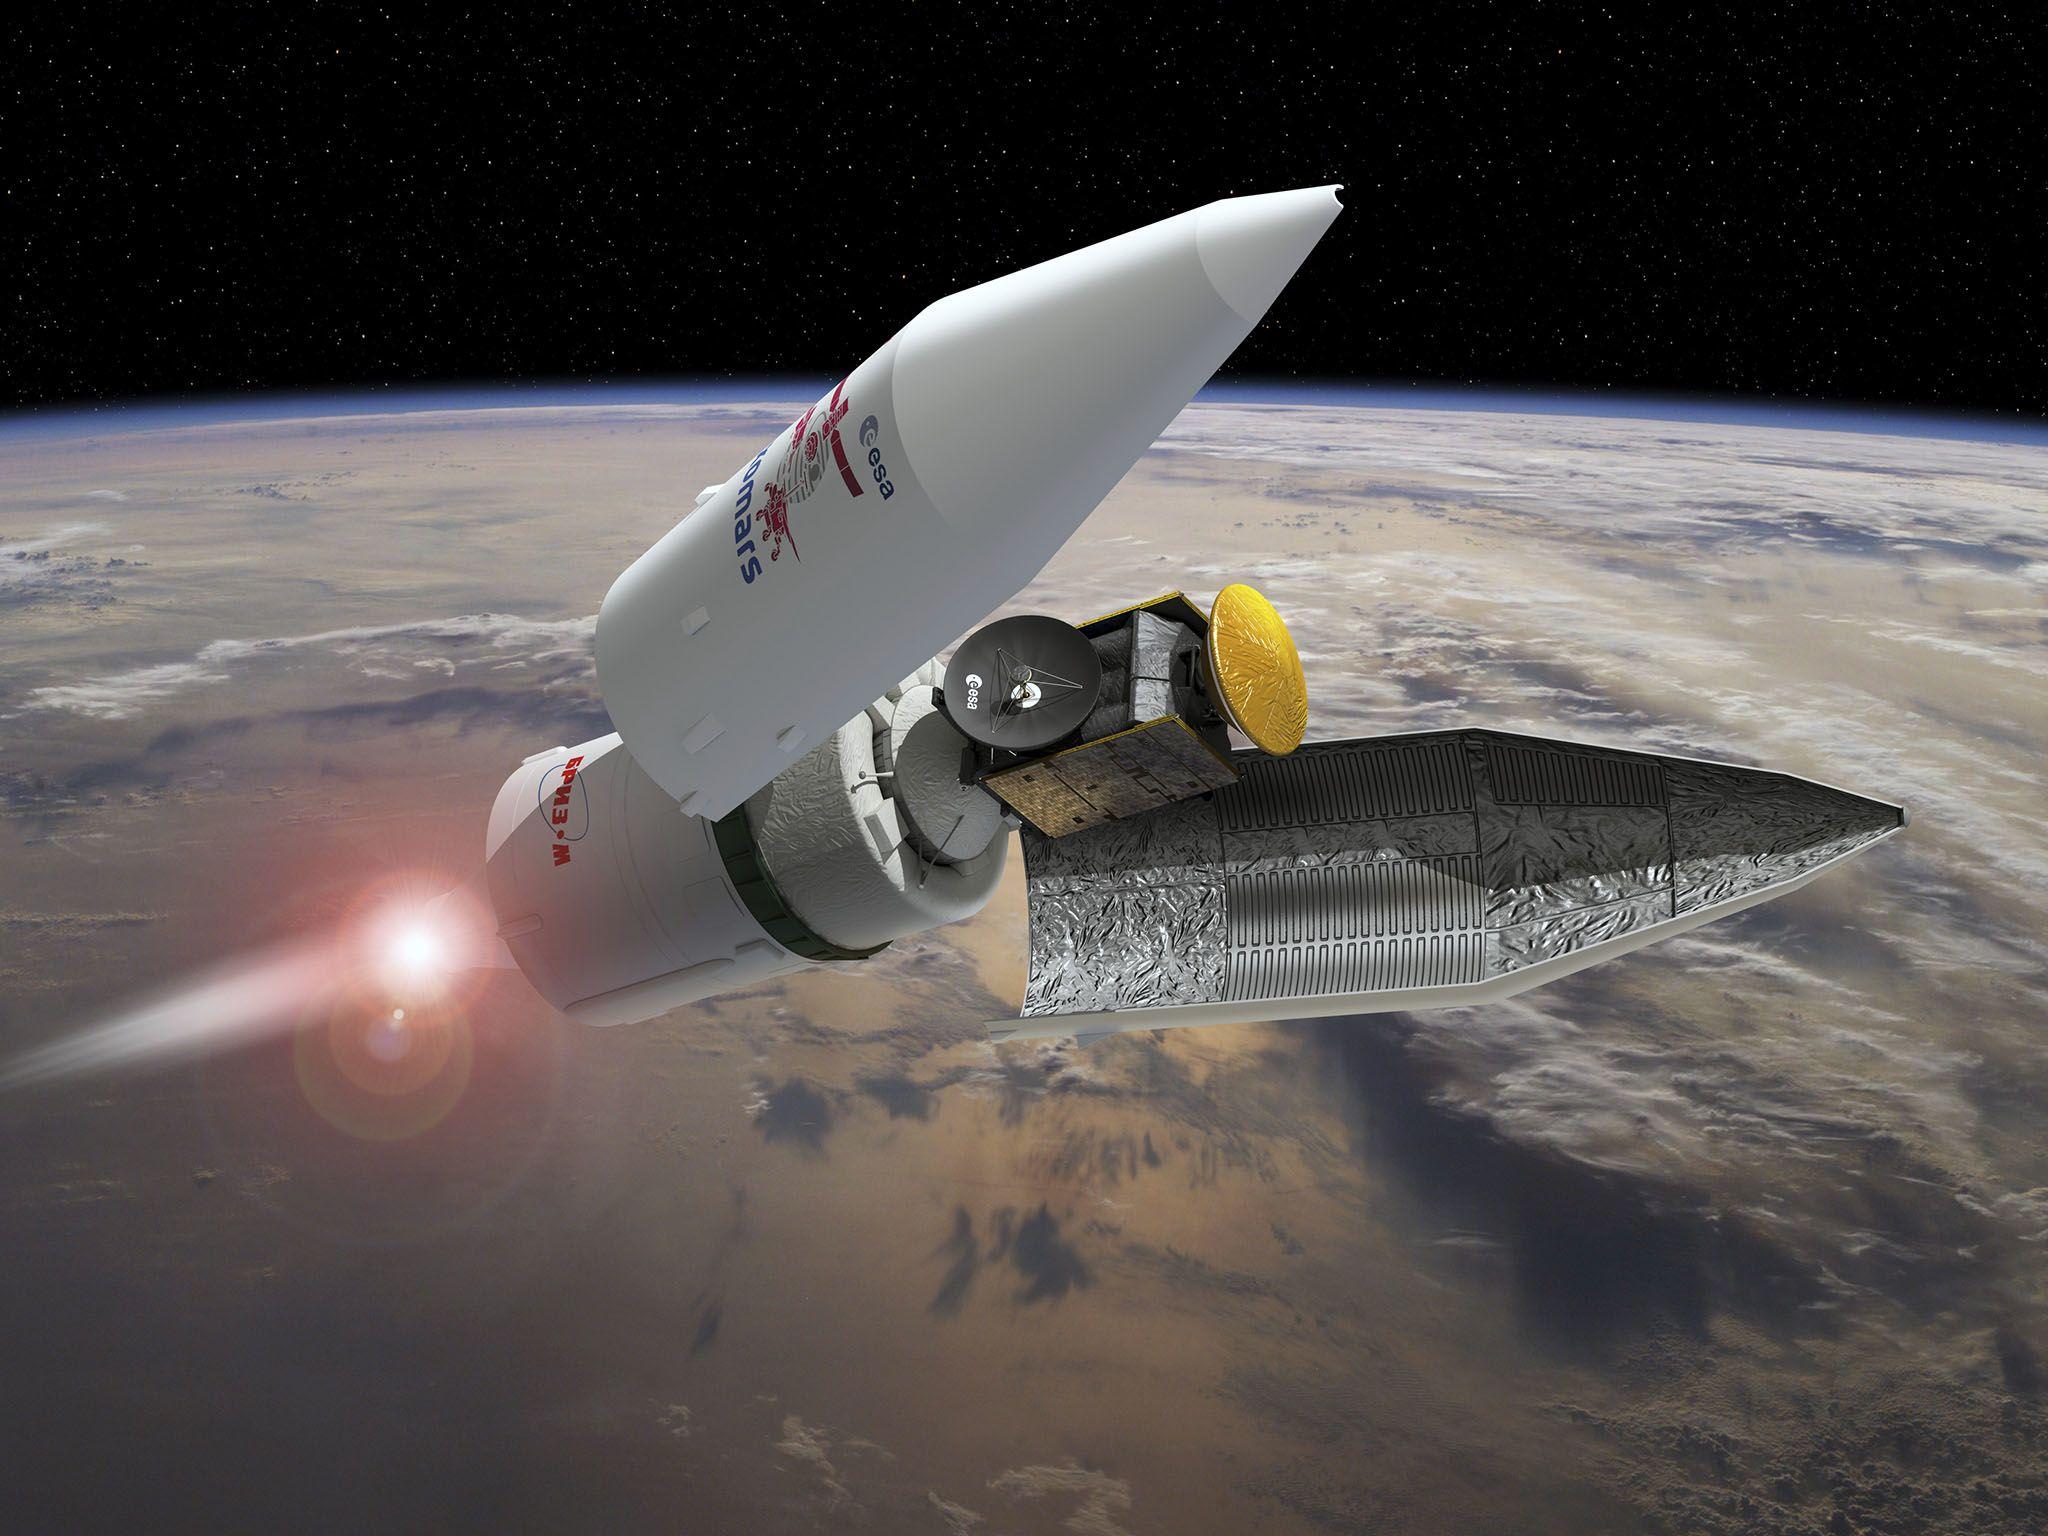 انفصال مقدمة المكوك الفضائي في مراحل انطلاق بعثة... [Photo of the day - أكتوبر 2016]